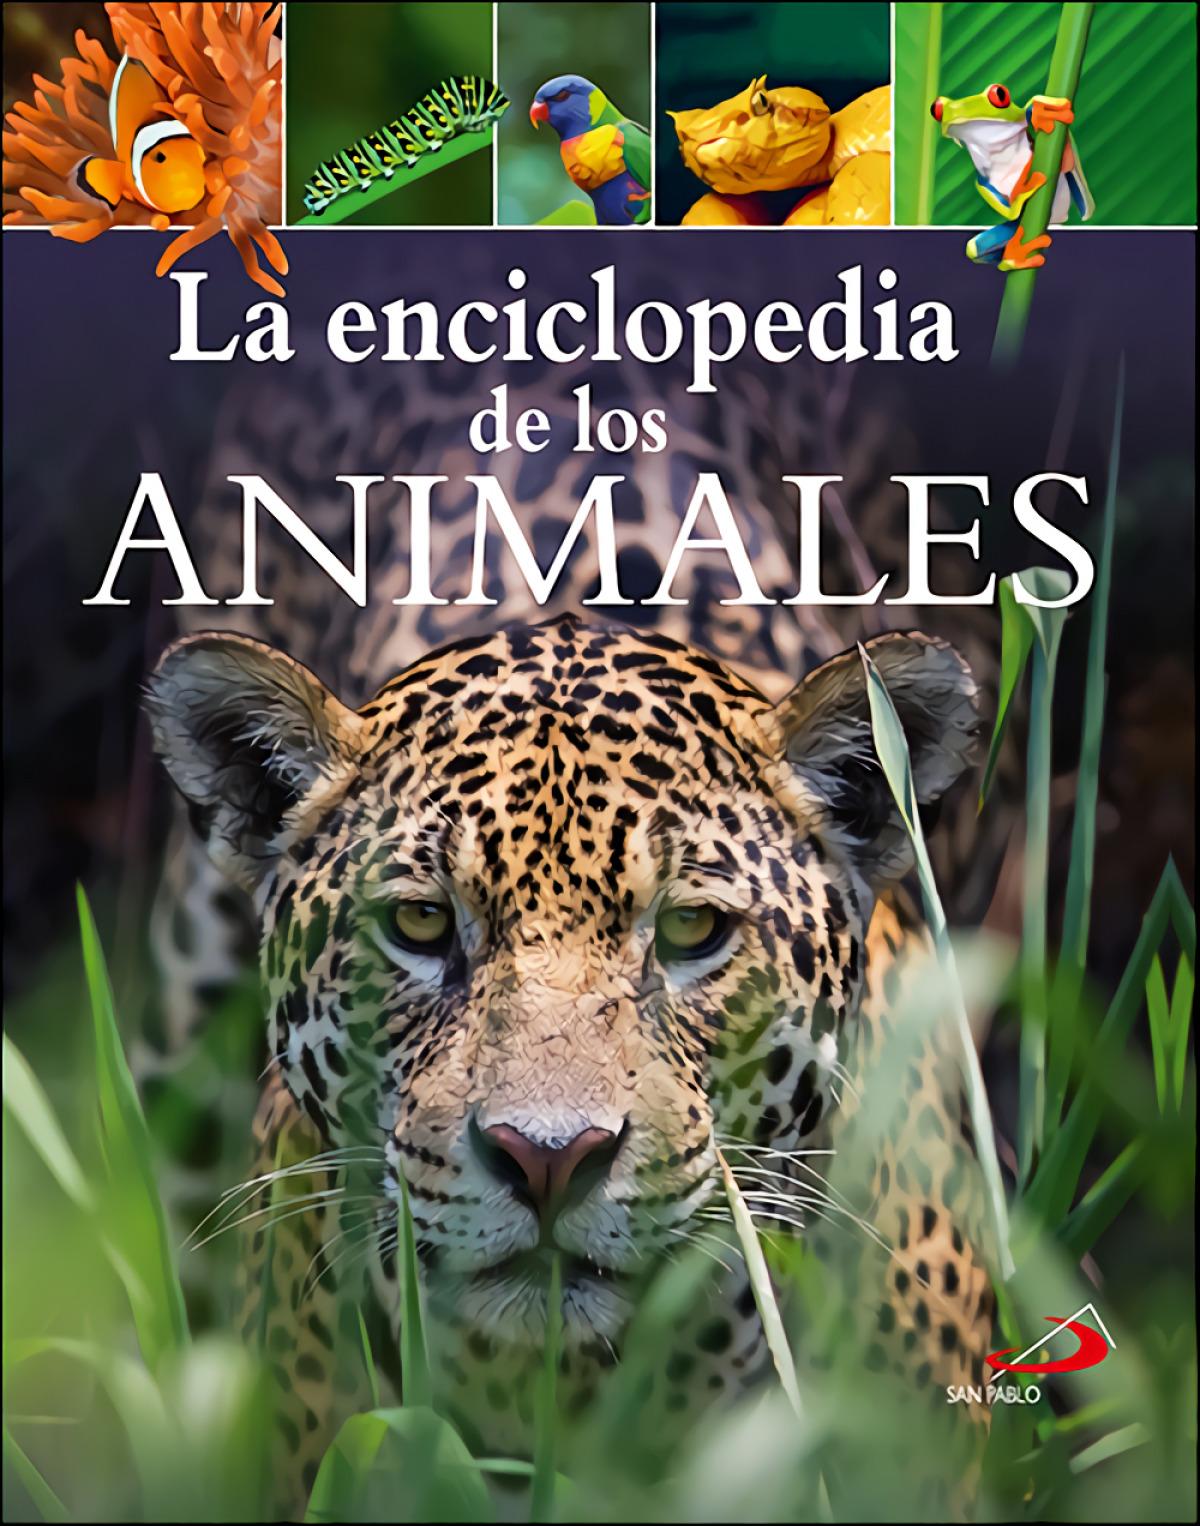 LA ENCICLOPEDIA DE LOS ANIMALES 9788428557511